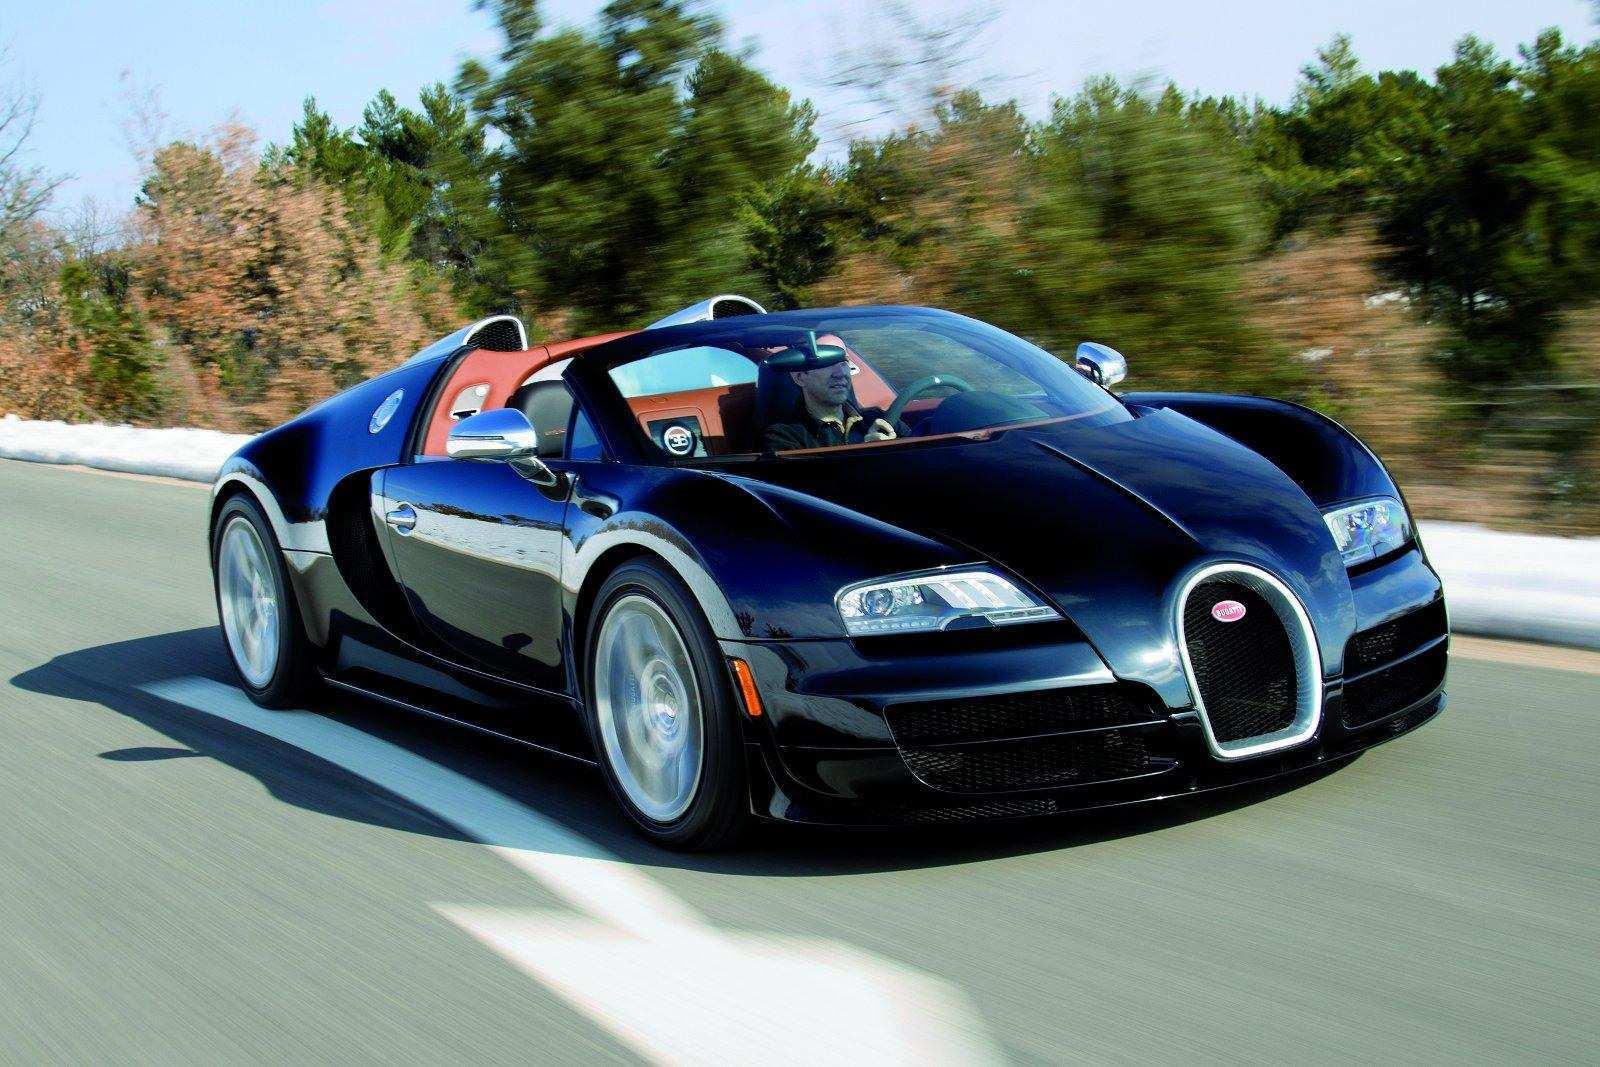 56 Great 2019 Bugatti Veyron History with 2019 Bugatti Veyron